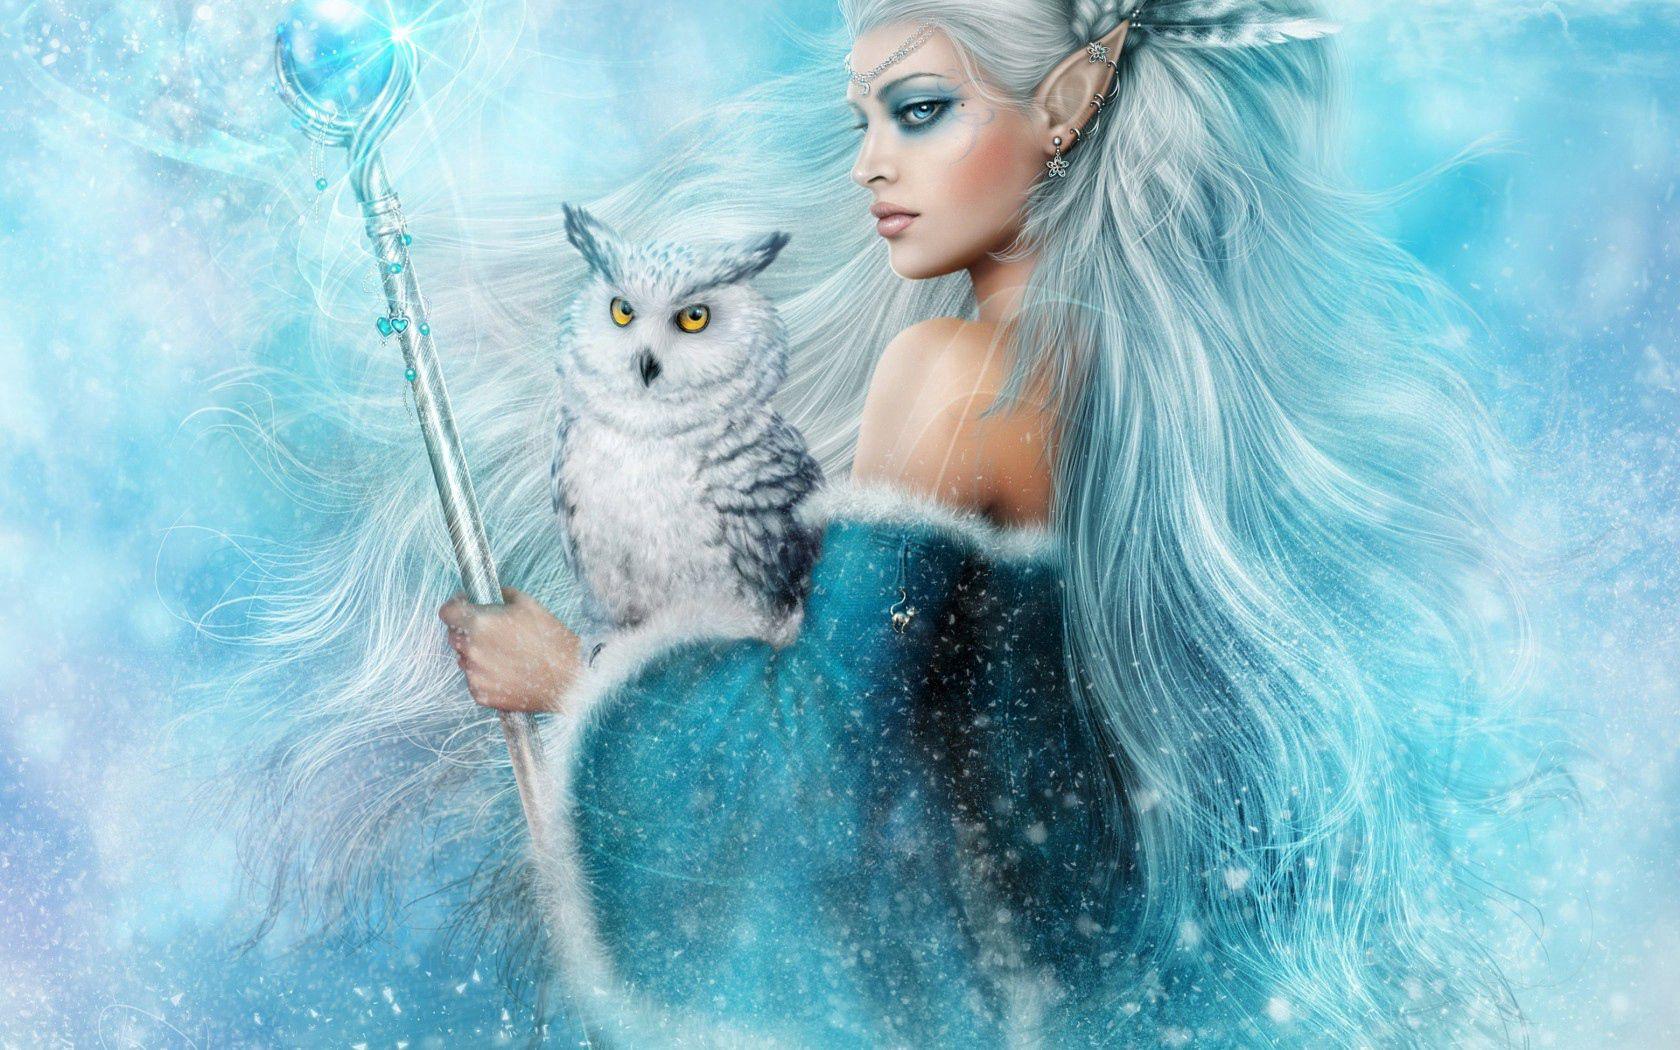 154587 Hintergrundbild herunterladen Fantasie, Magie, Mädchen, Eule, Elf - Bildschirmschoner und Bilder kostenlos